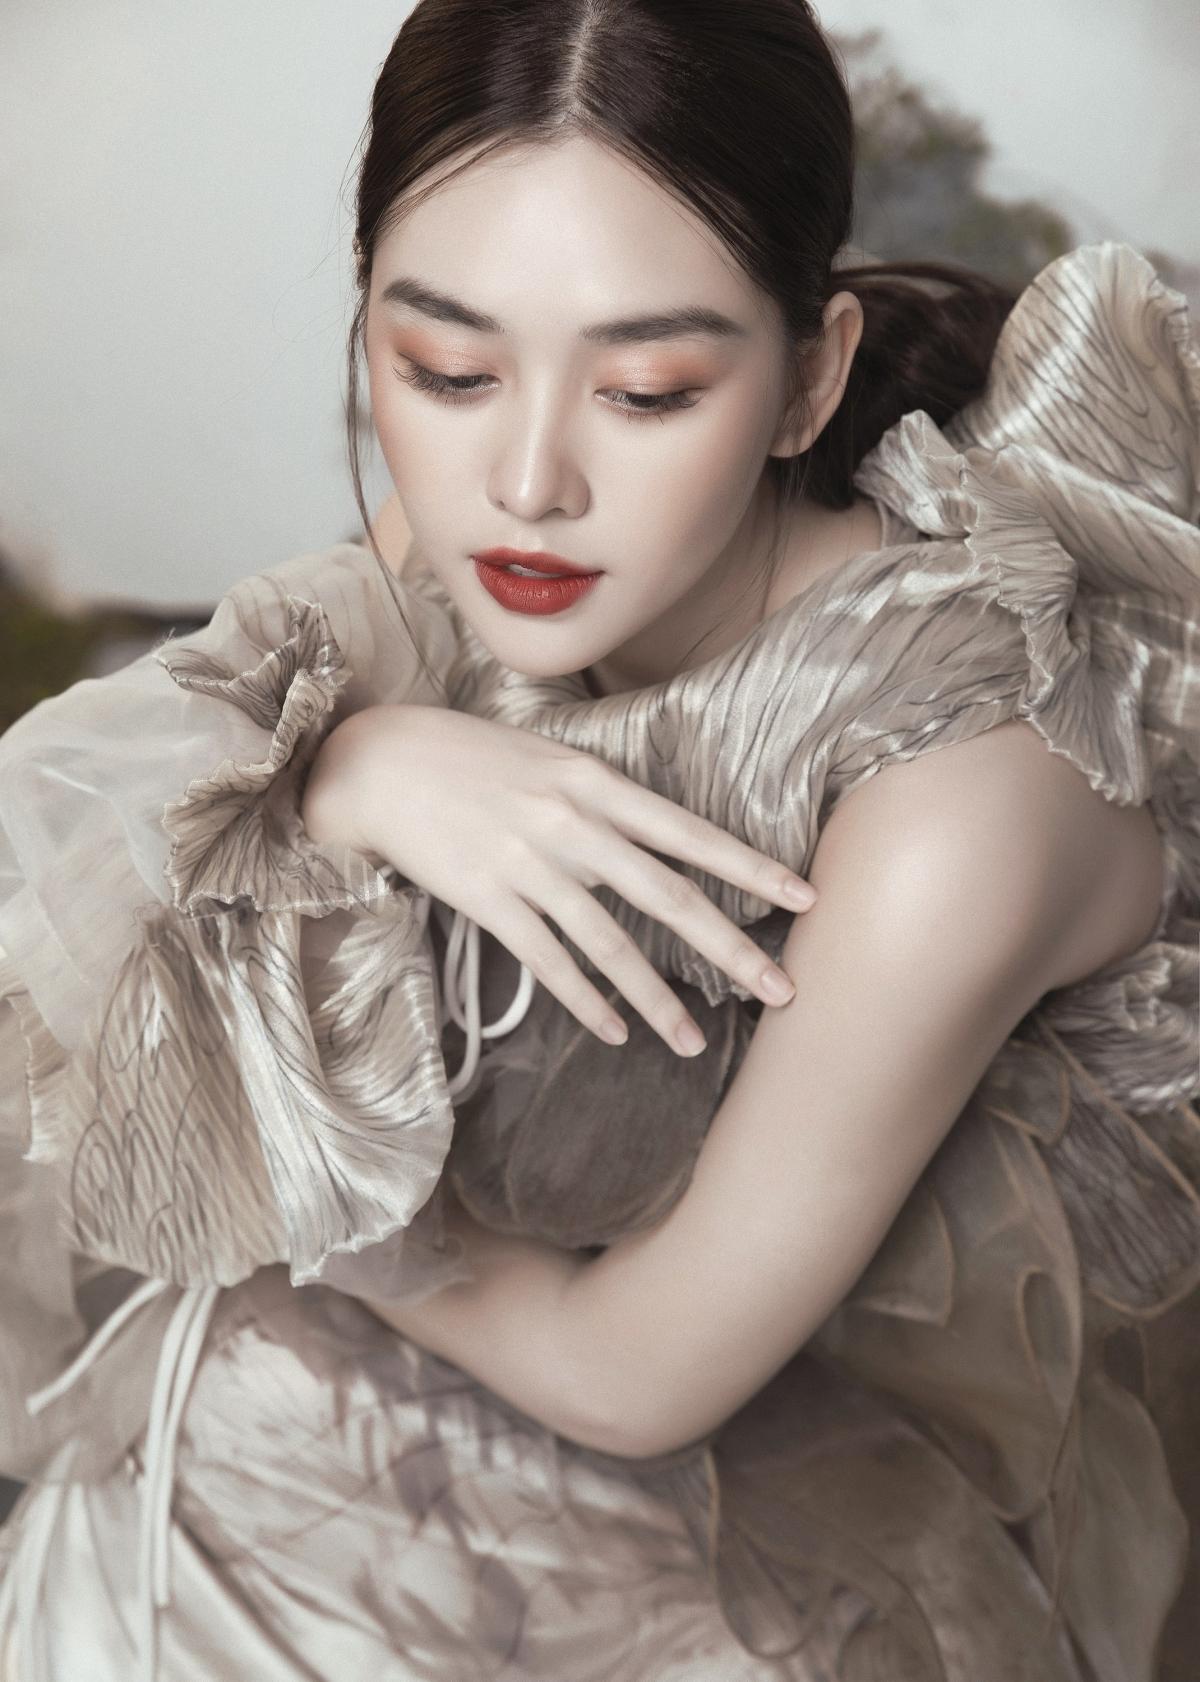 Gương mặt sáng cùng làn da trắng càng thêm cuốn hút hơn khi kết hợp với màu son đỏ, Á hậu Tường San đã cho thấy khả năng hòa hợp tuyệt vời mặc dù là lần đầu làm quen với lối trang điểm này.